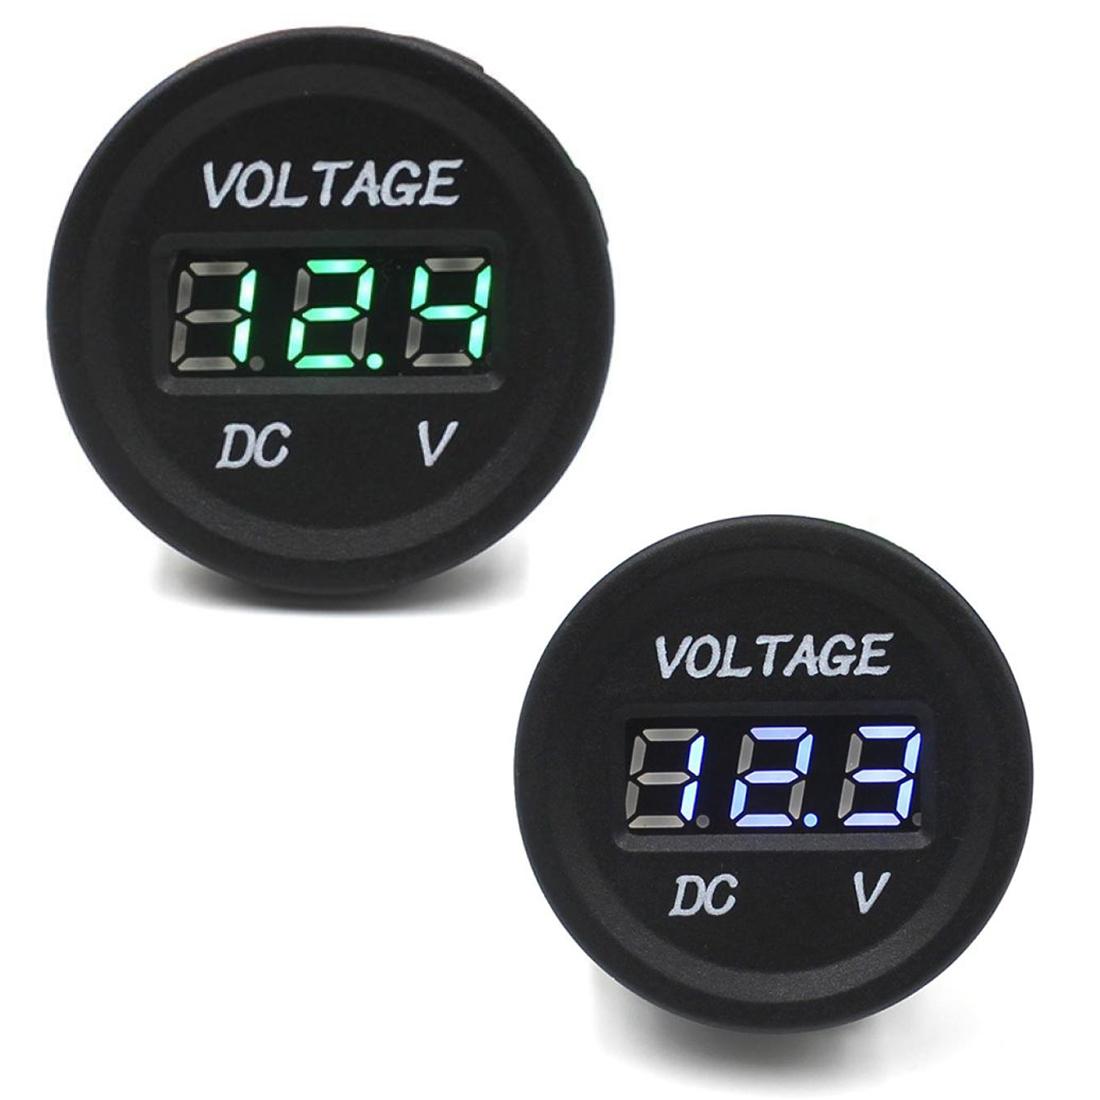 Car-Motorcycle-Waterproof-LED-Digital-Display-Voltmeter-12V-24V-DC-Blue-Q9J3